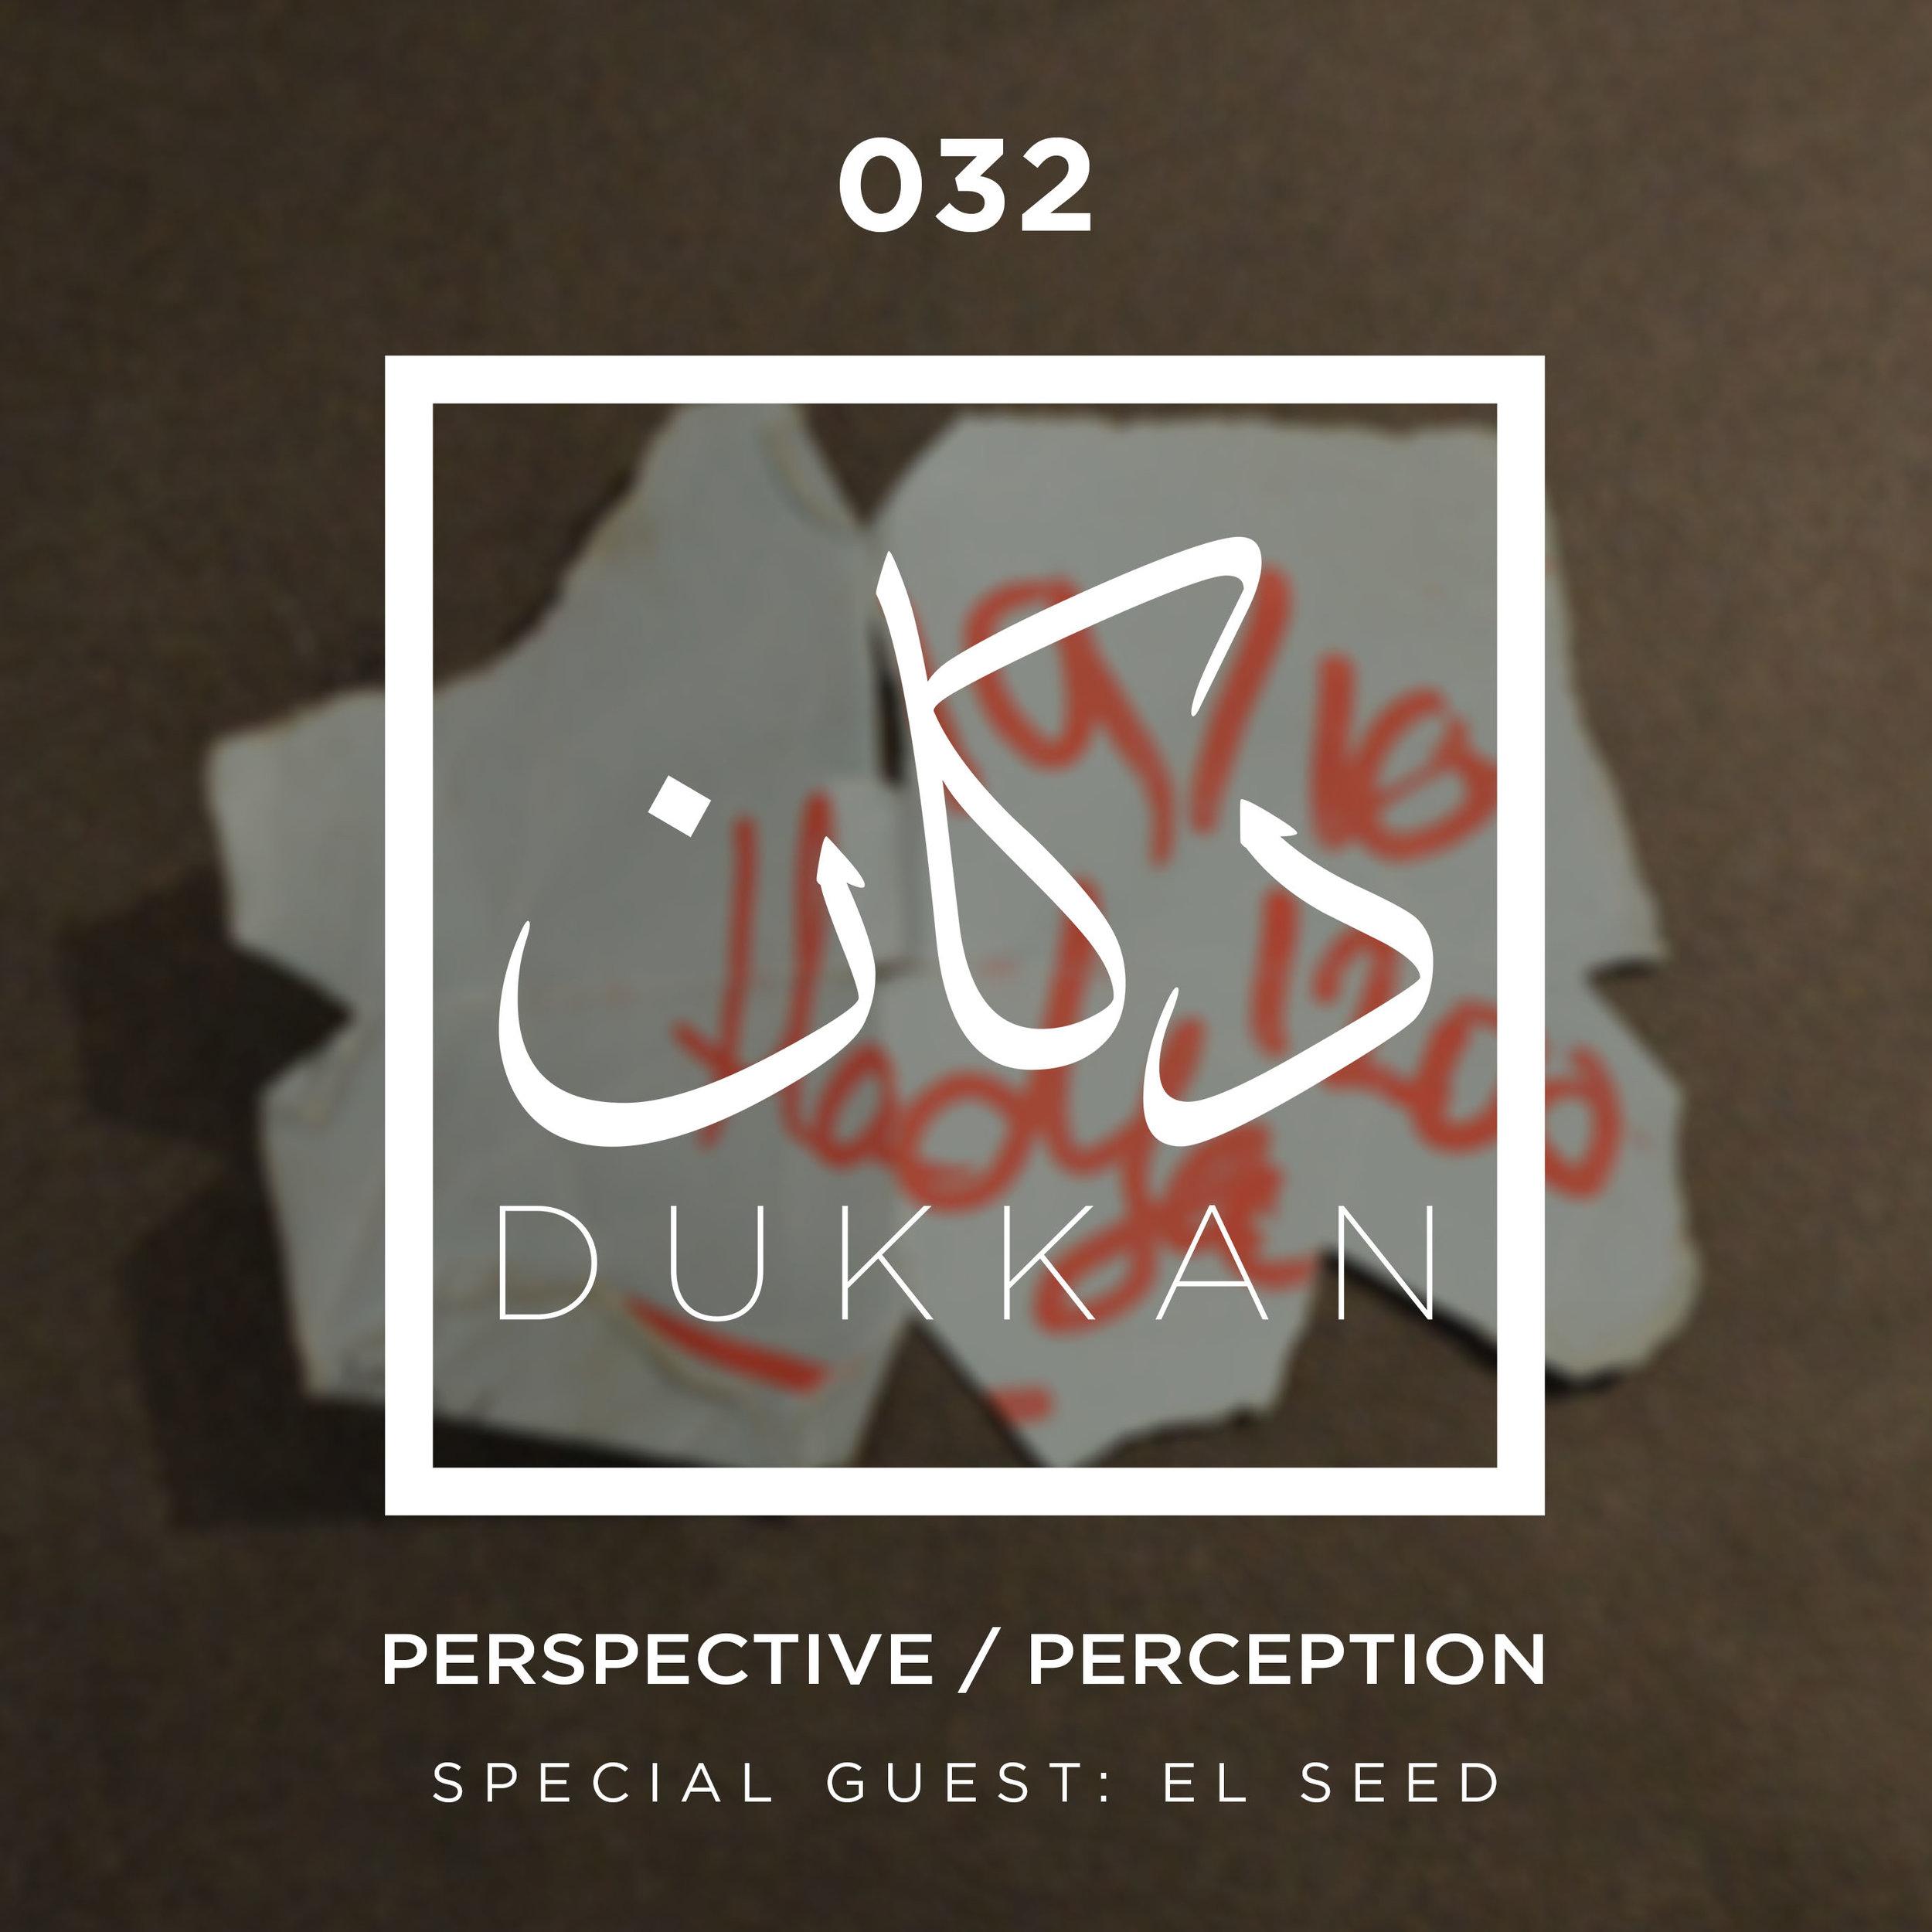 el Seed Dukkan